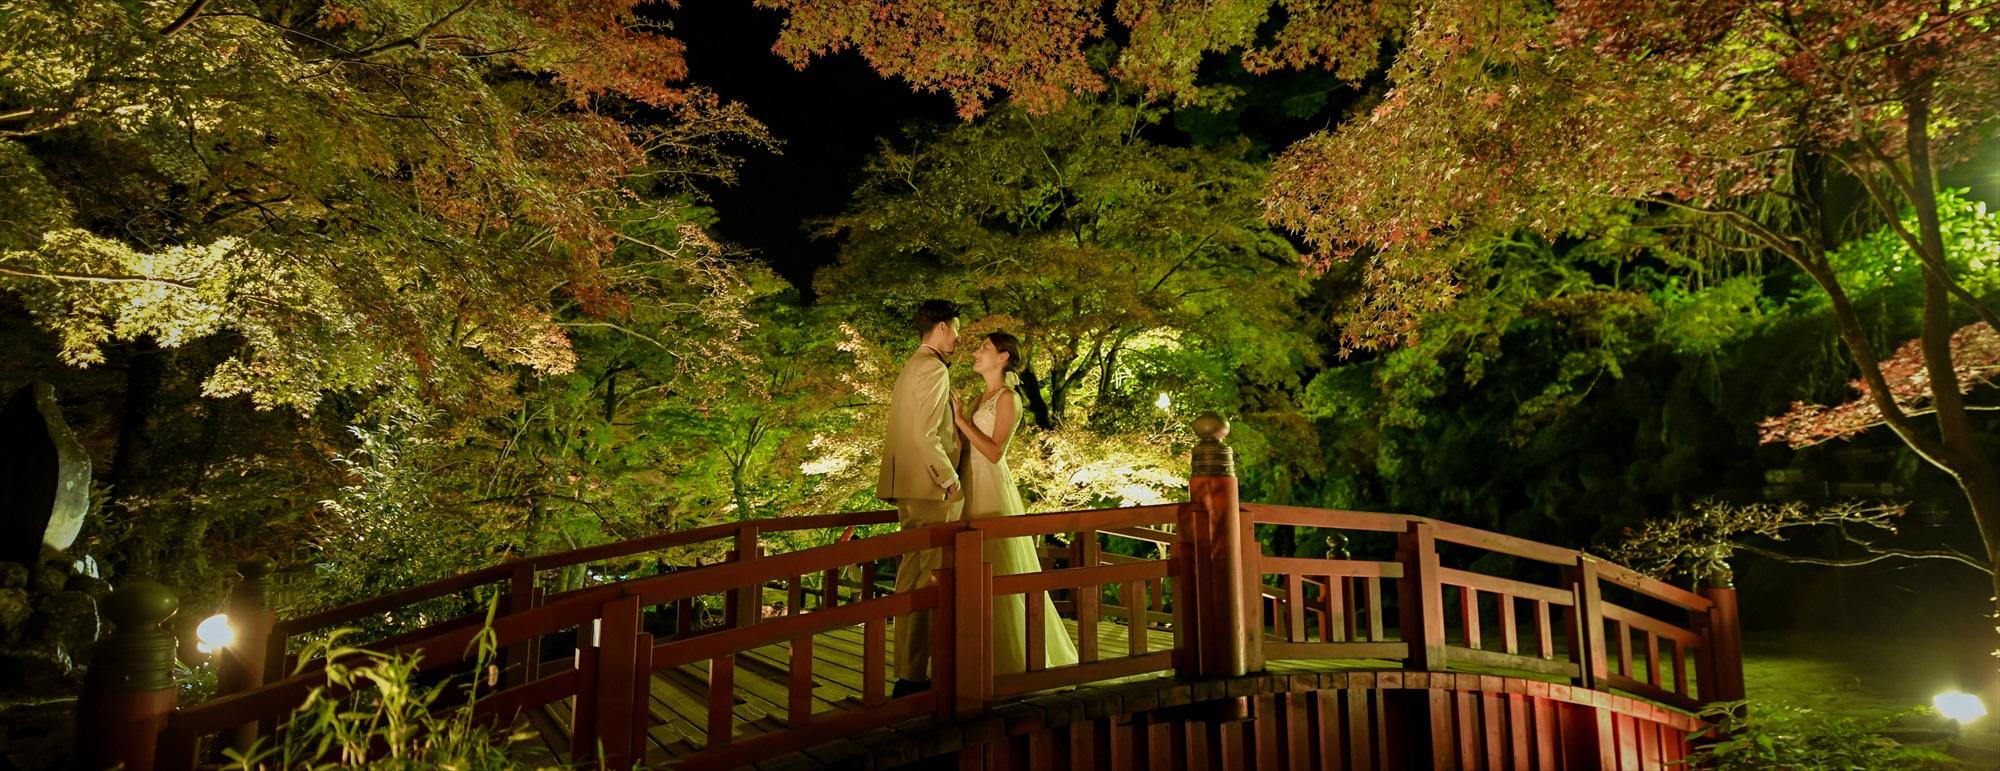 熱海ナイトフォトウェディング Atami Palm Garden Night Photo Wedding 熱海梅園前撮り ナイトショット